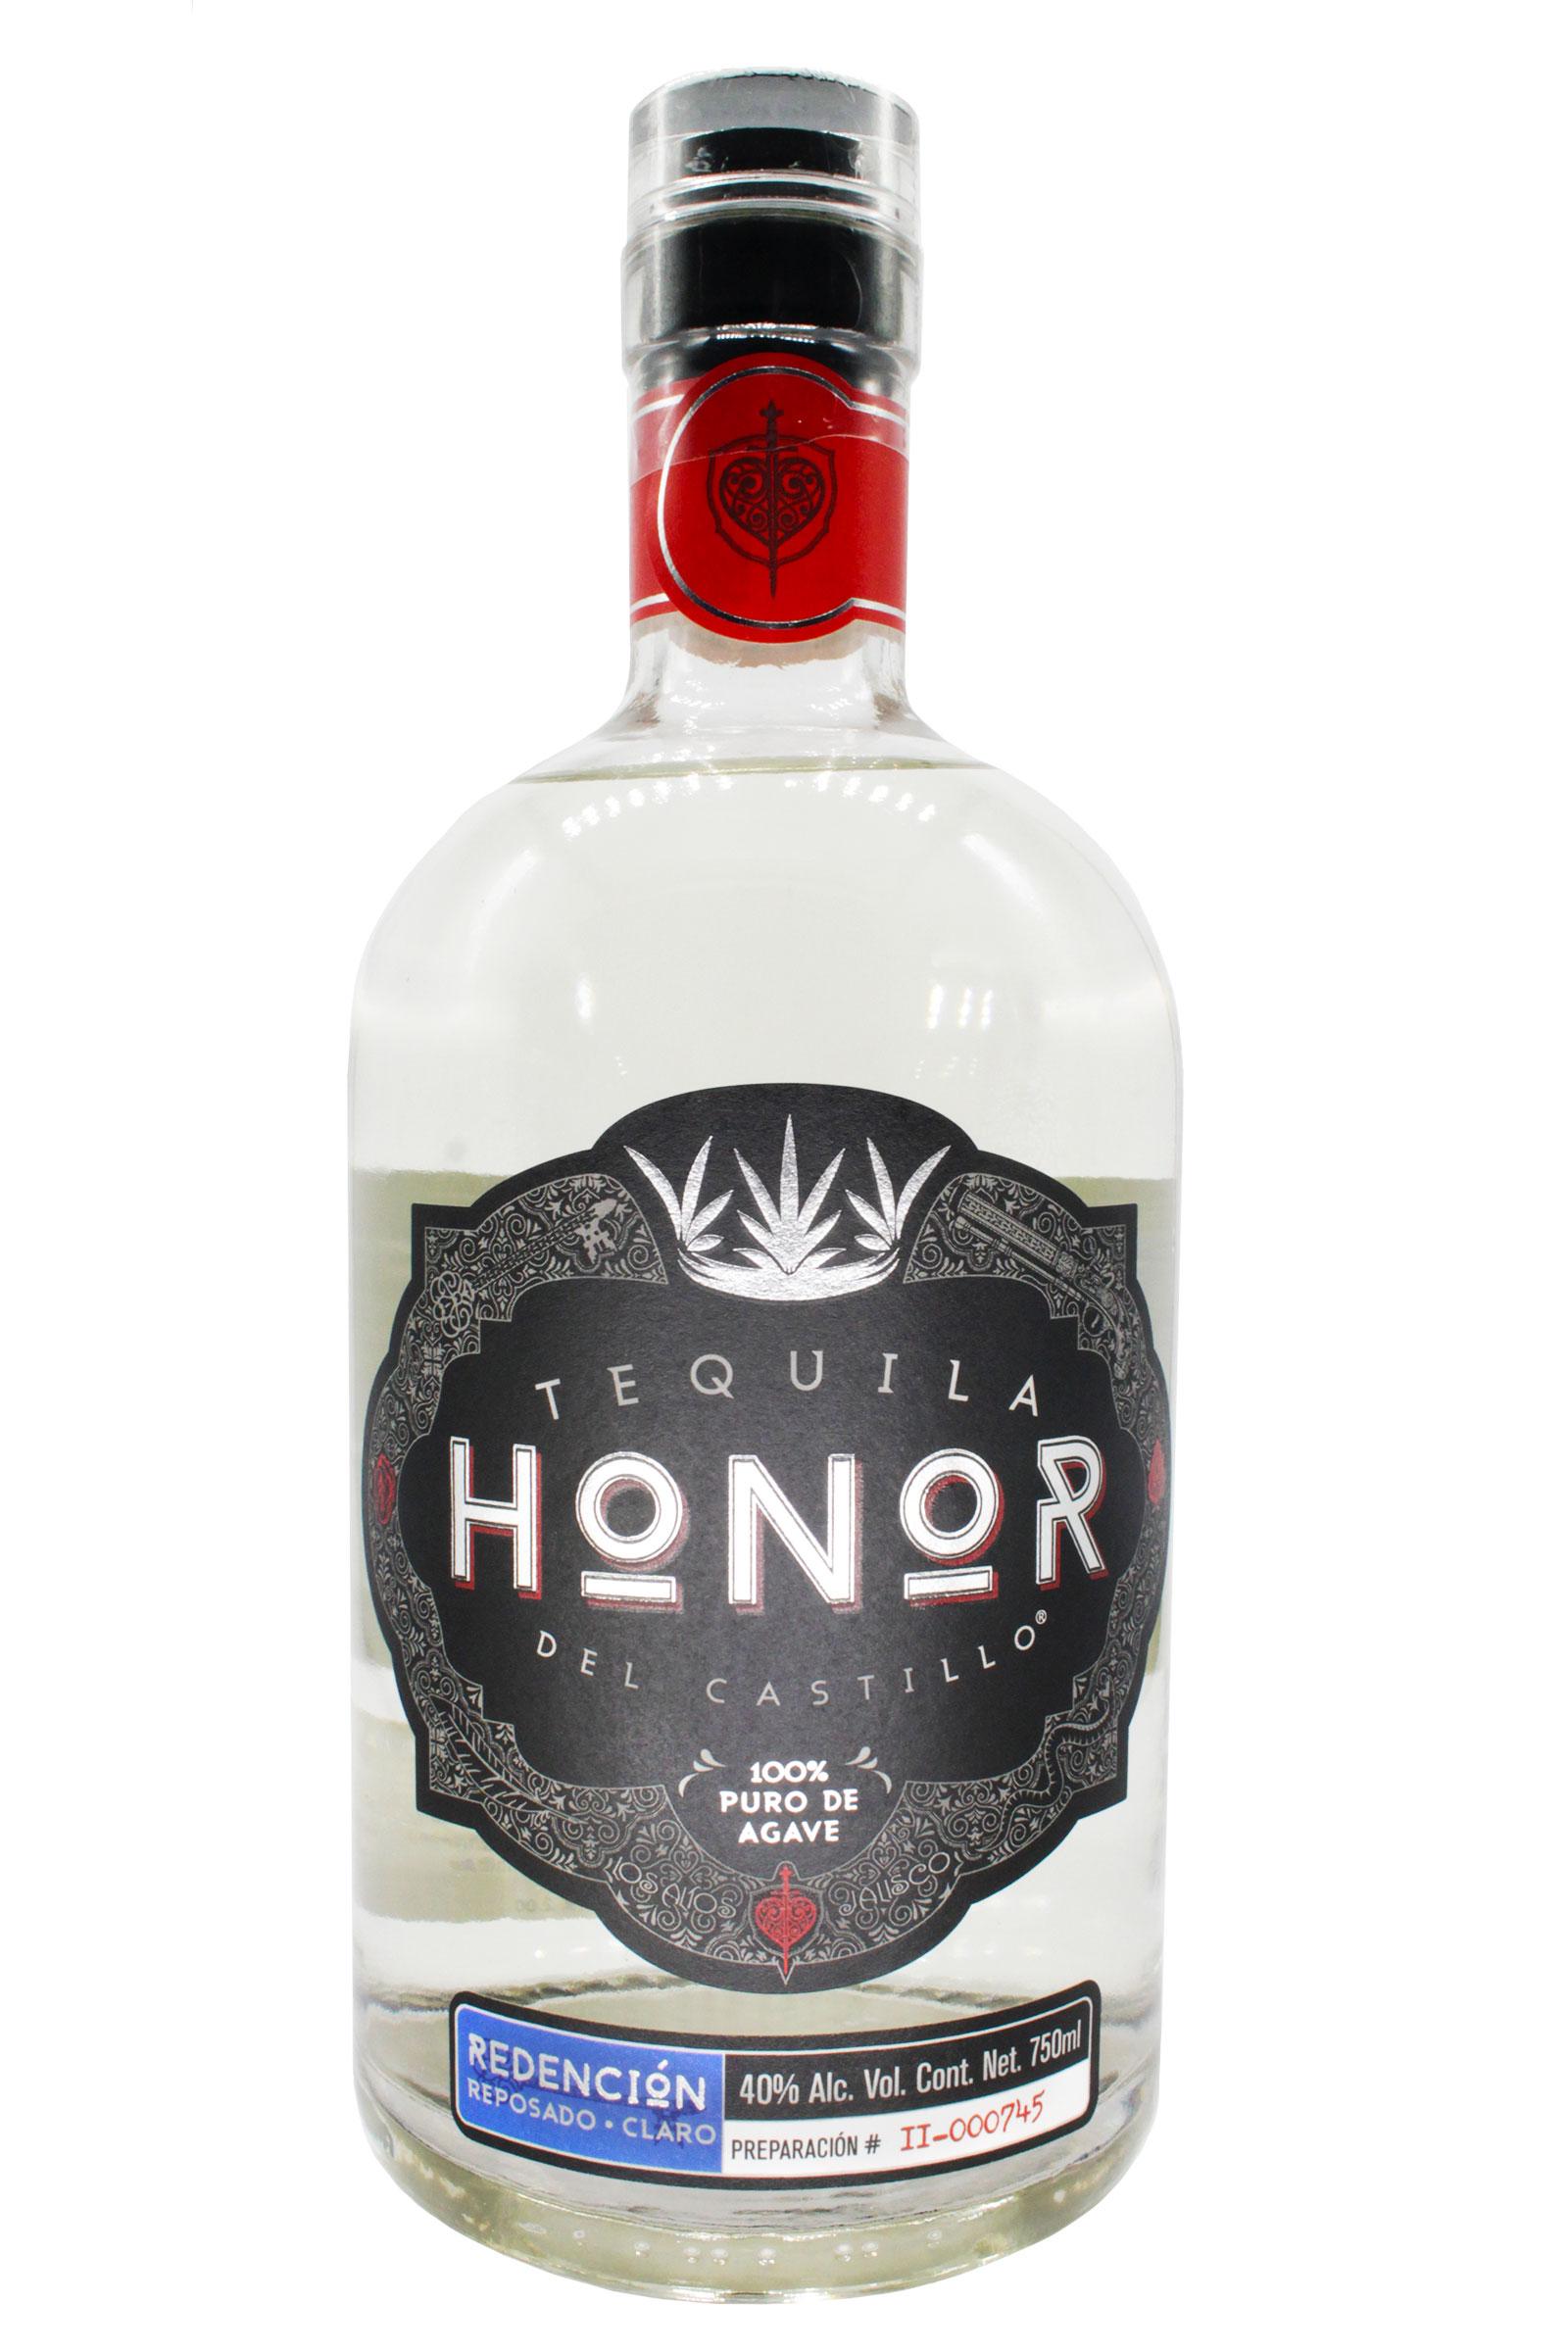 Tequila Honor Redención Reposado Claro 100% Agave 750ml